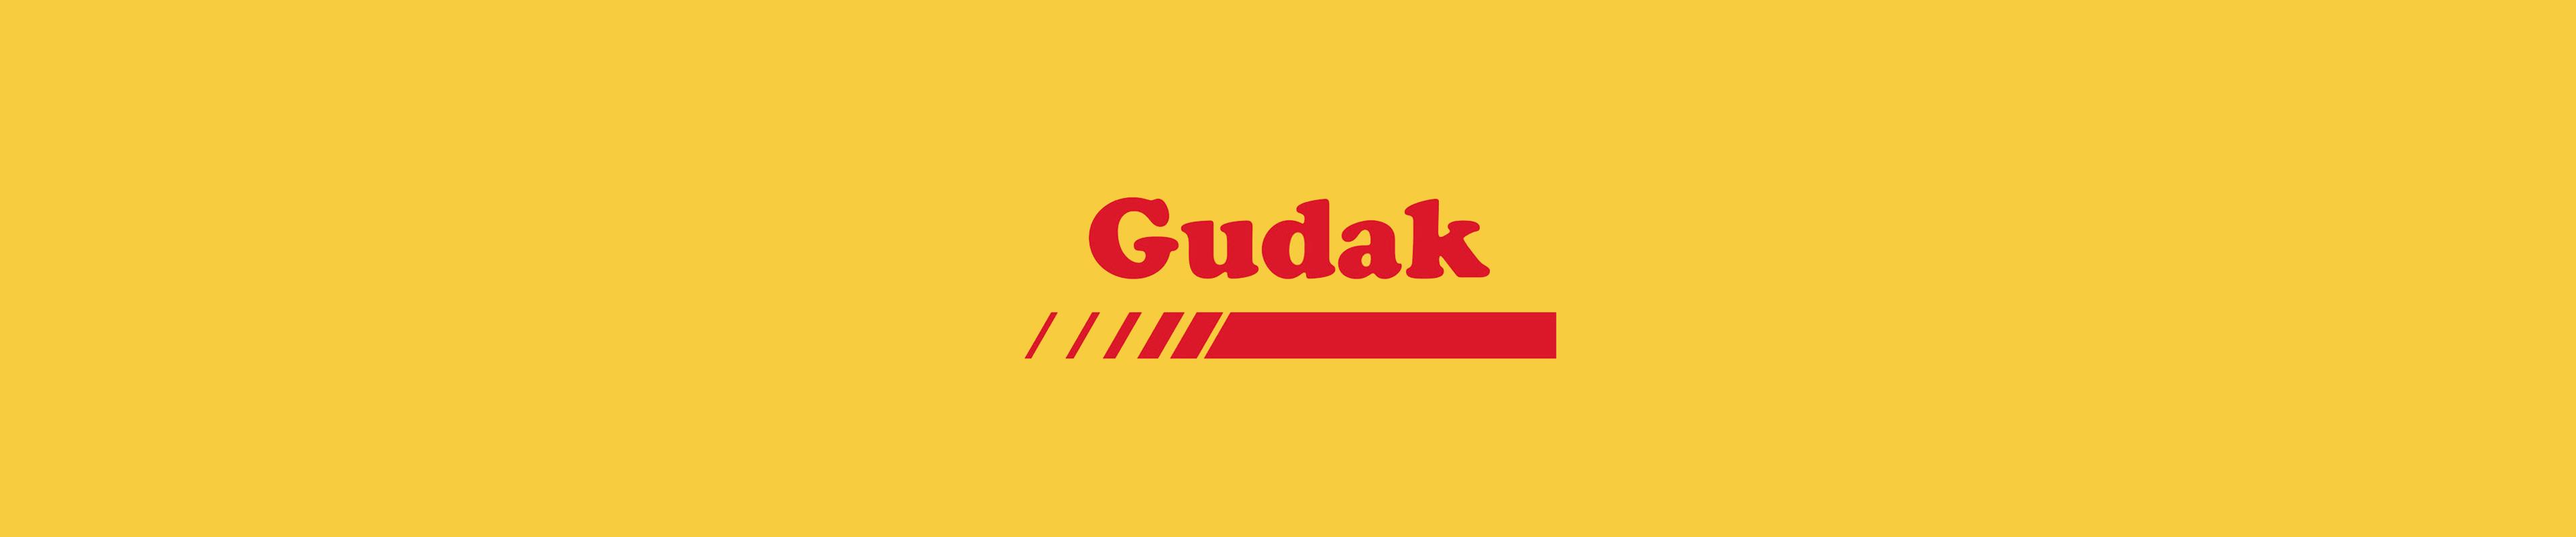 [已购]Gudak Cam-草蜢资源